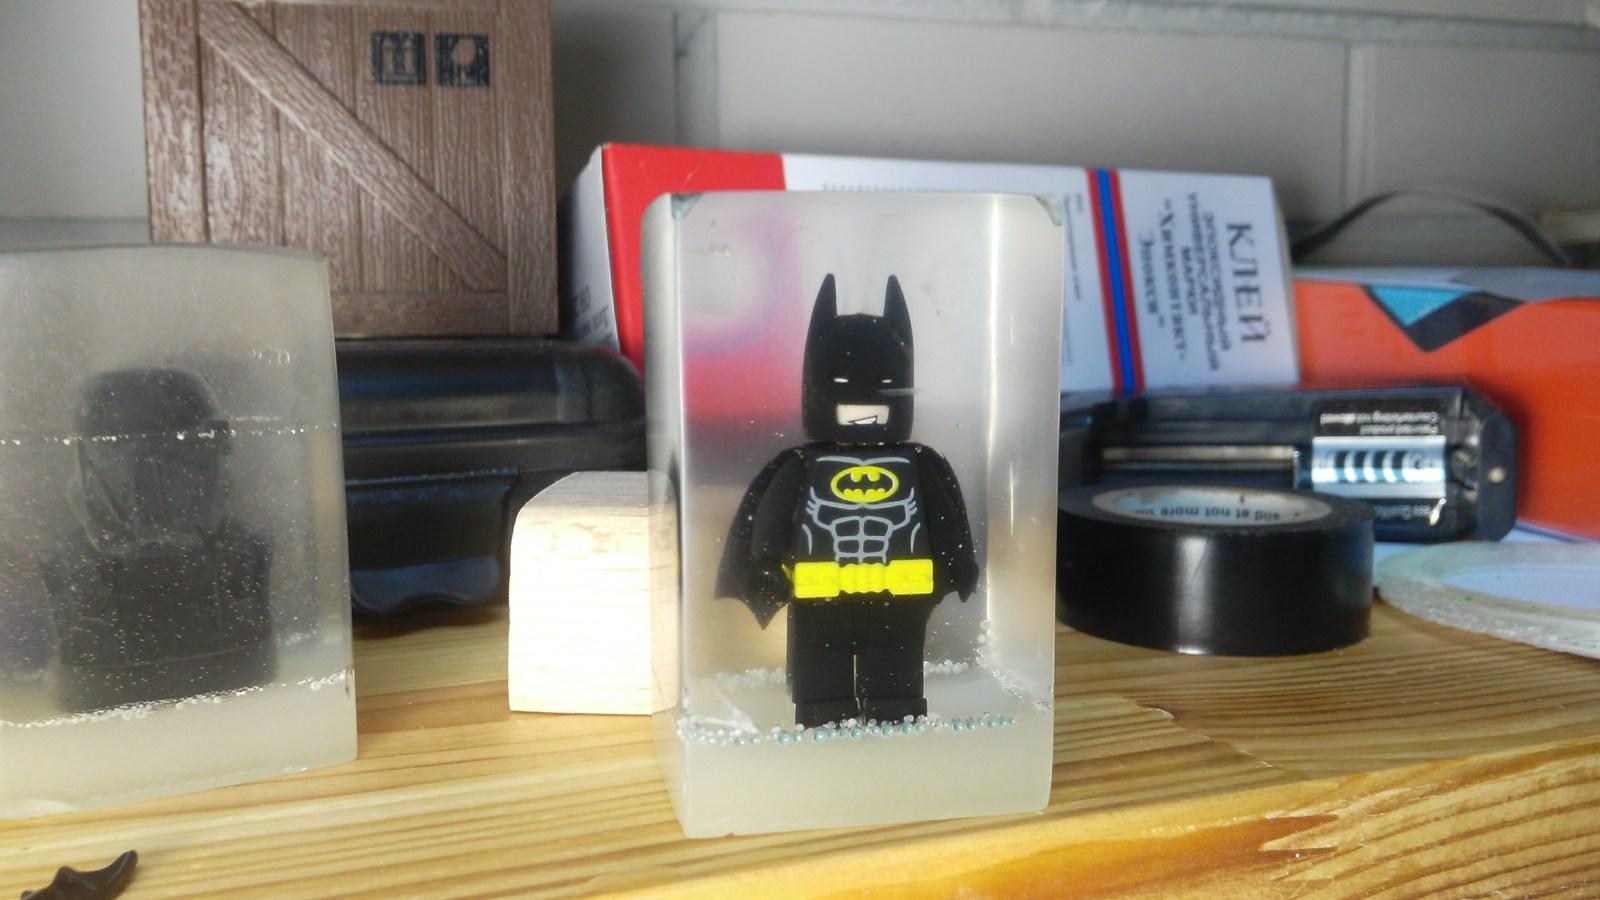 Бэтмен в эпоксидной смоле сделано, смолу, будет, чтобы, достаточно, фигурки, люминофор, фигурка, очень, иначе, ламината, такое, котором, короб, сообщества, получилось, нашел, немного, которая, залить